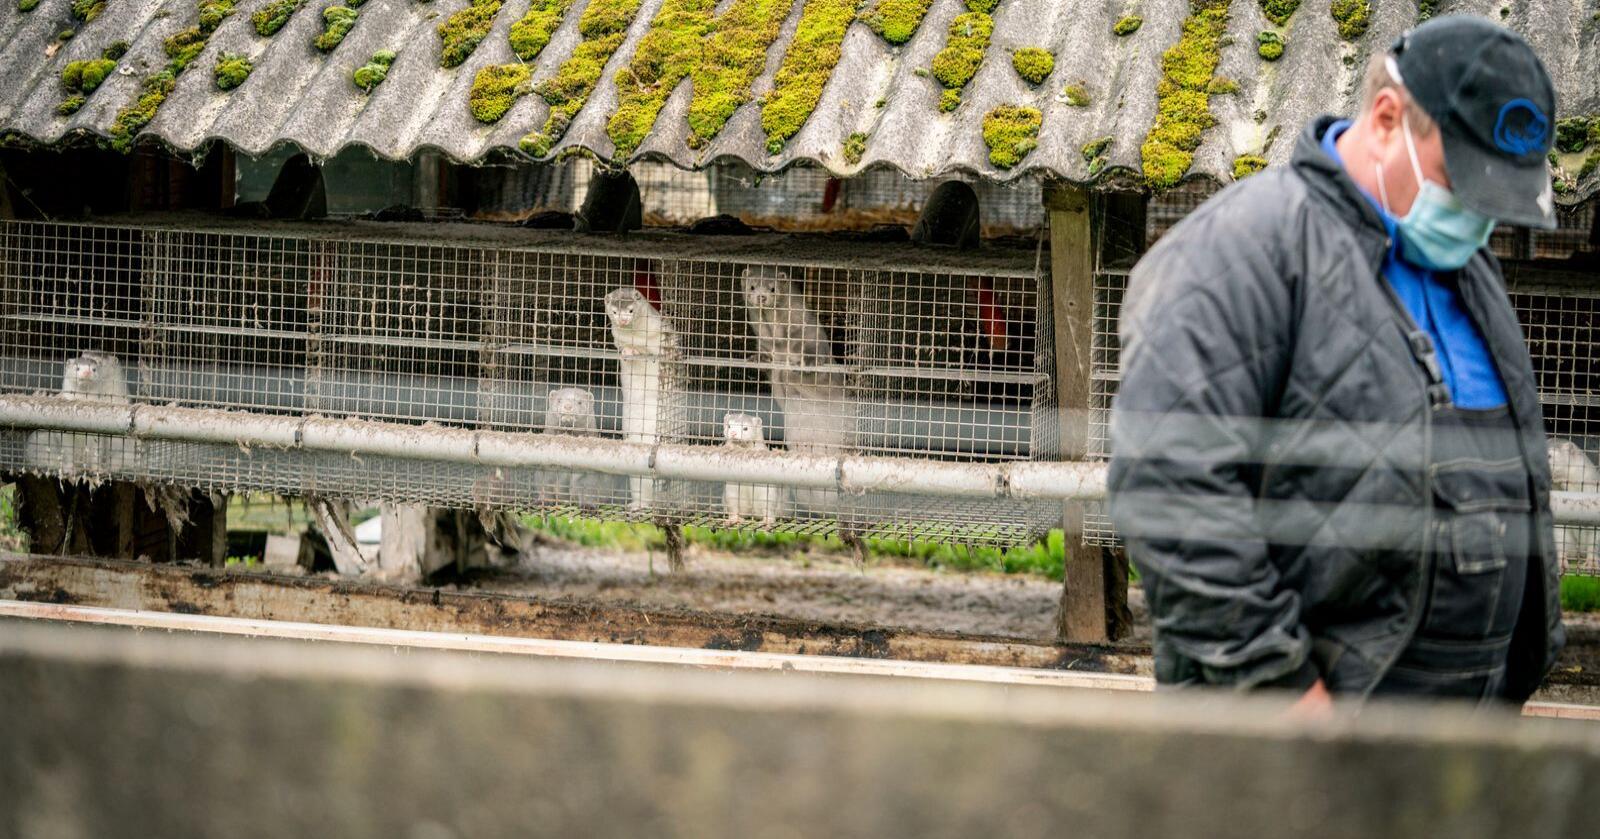 2,5 millioner mink er i ferd med å bli avlivet i Nord-Danmark. 100.000 mink blir avlivet om dagen, opplyser danske myndigheter. Foto: Mads Claus Rasmussen/AP